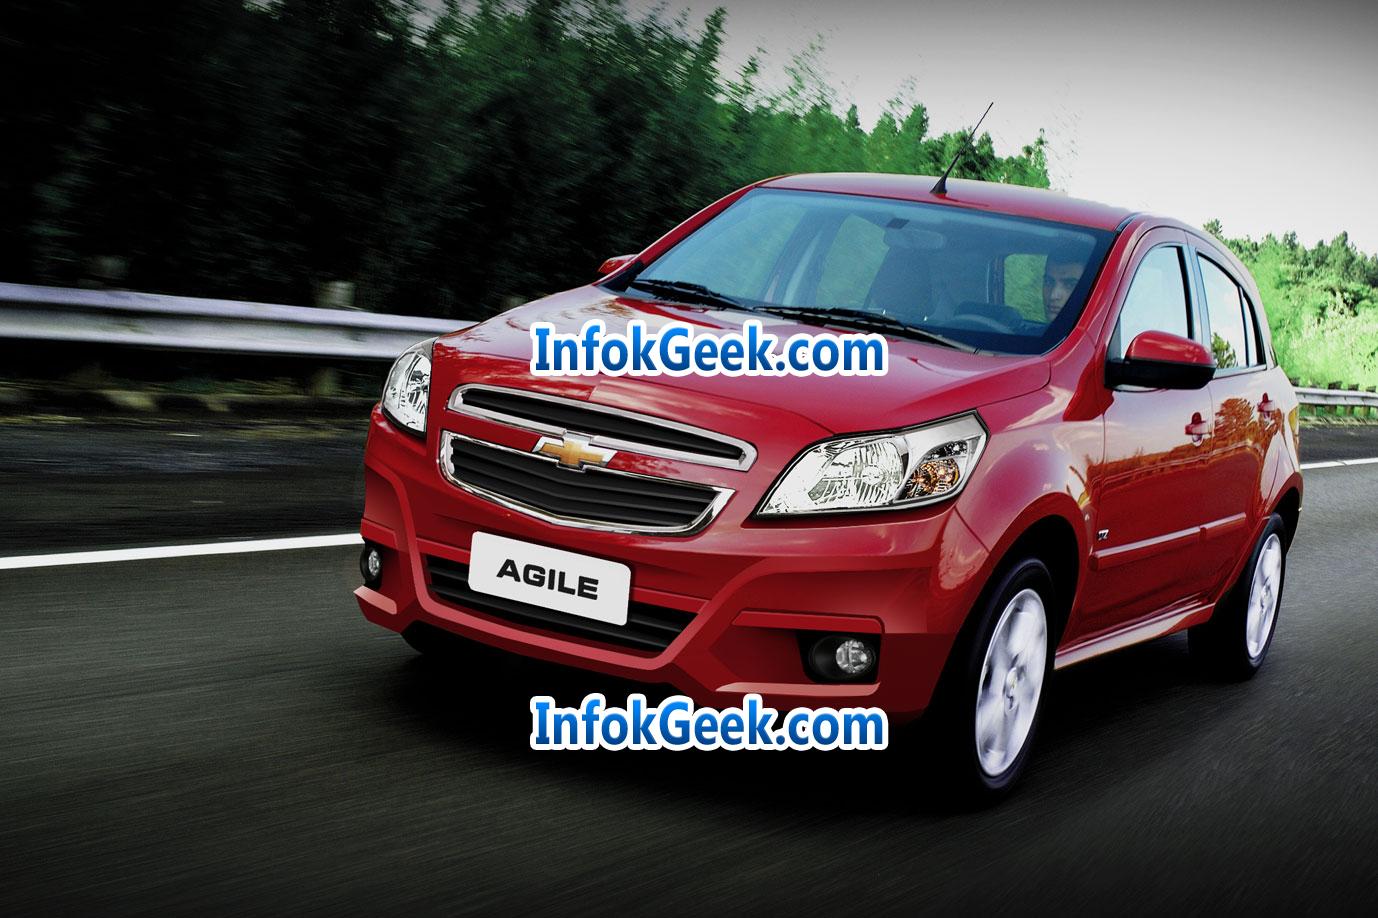 Foto del nuevo Restyling del Chevrolet Agile 2013 - 2014